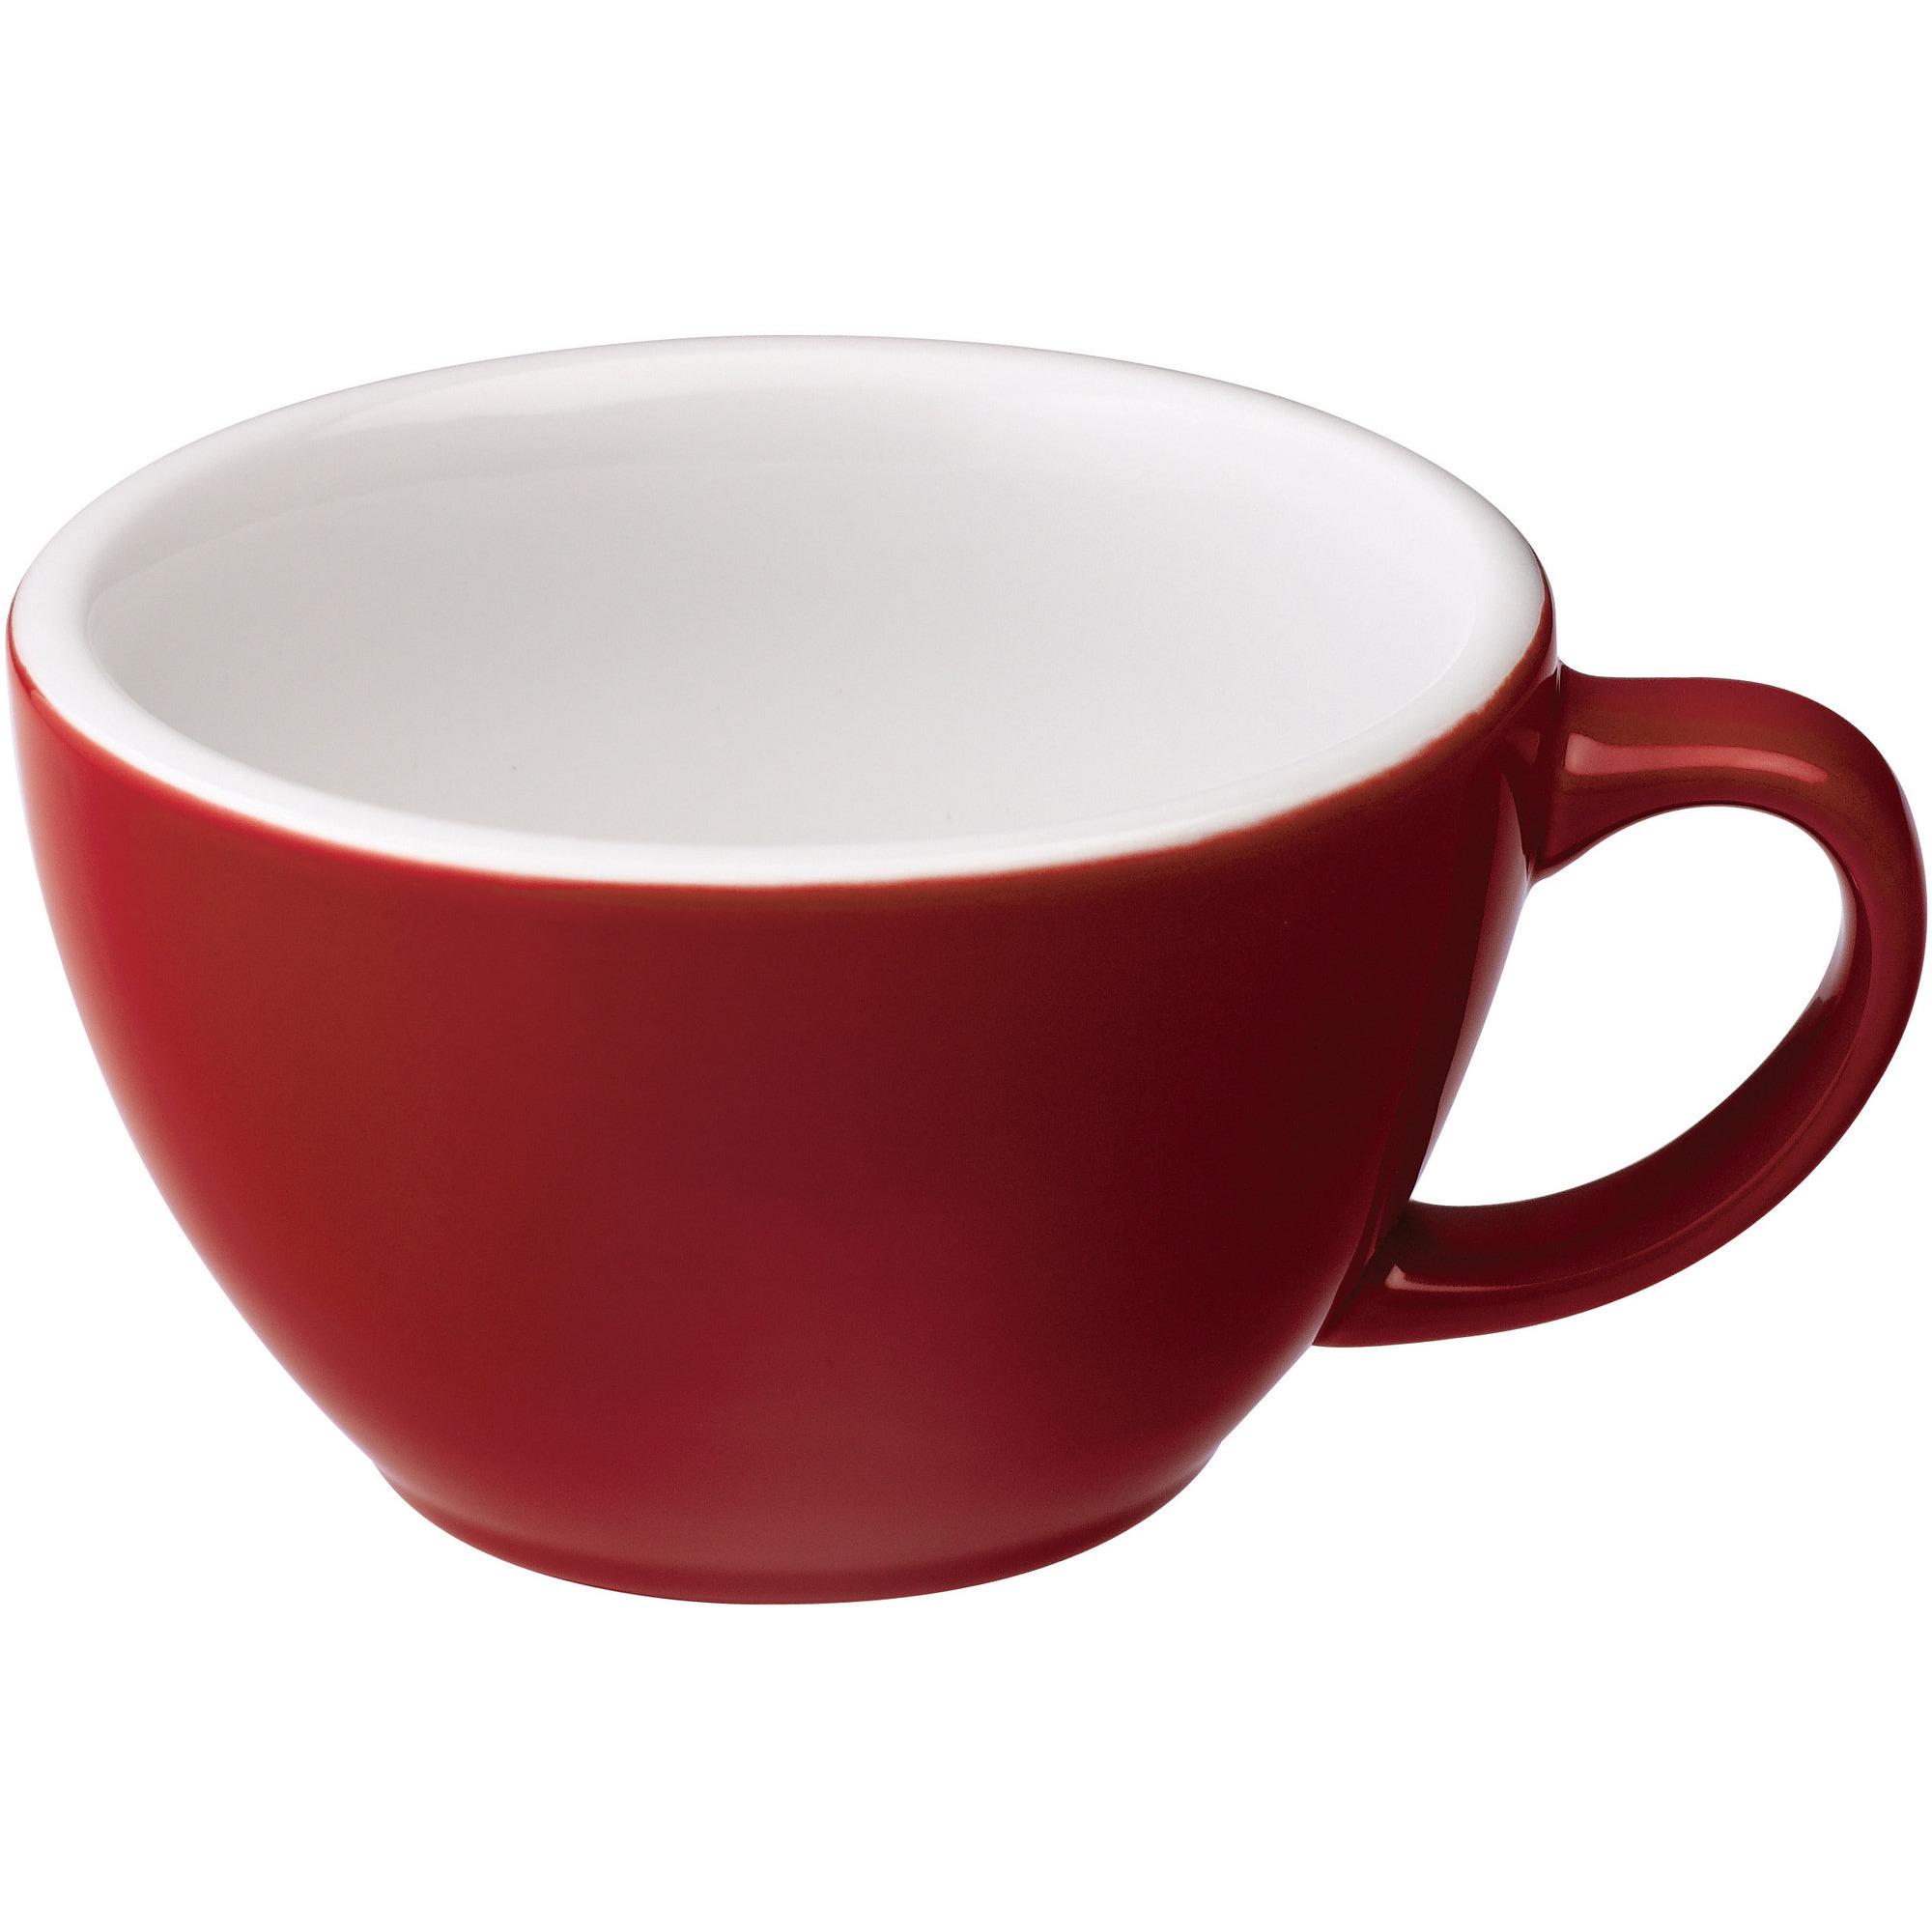 Loveramics Egg Café Lattekopp 300 ml. 6 st. Red